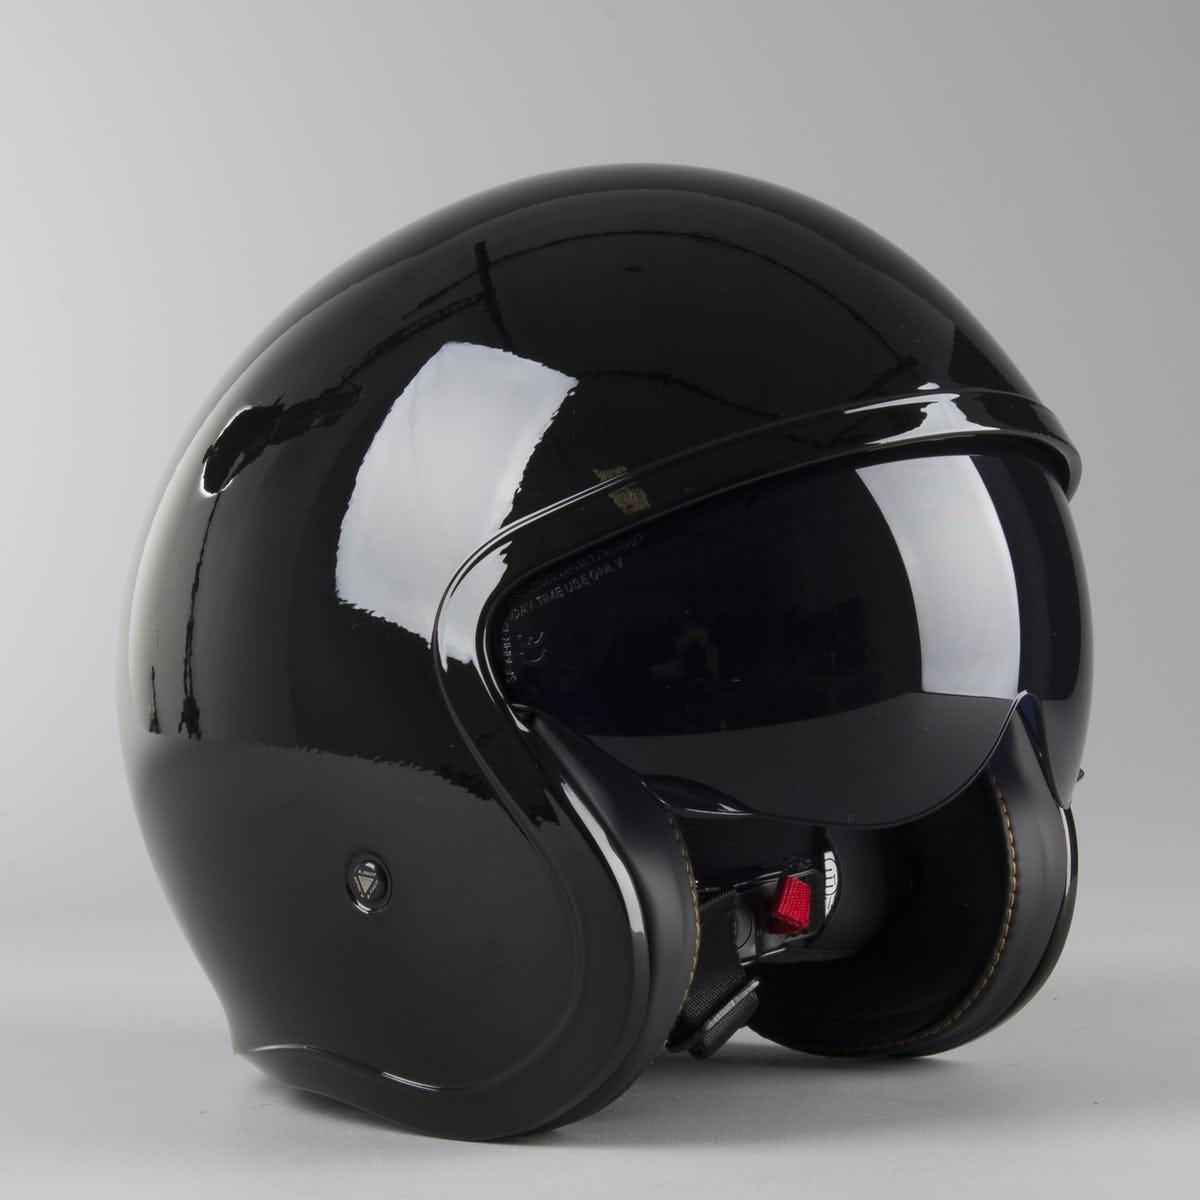 Мотошлем LS2 OF599  Gloss black  Черный глянцевый  полулецевик с очками